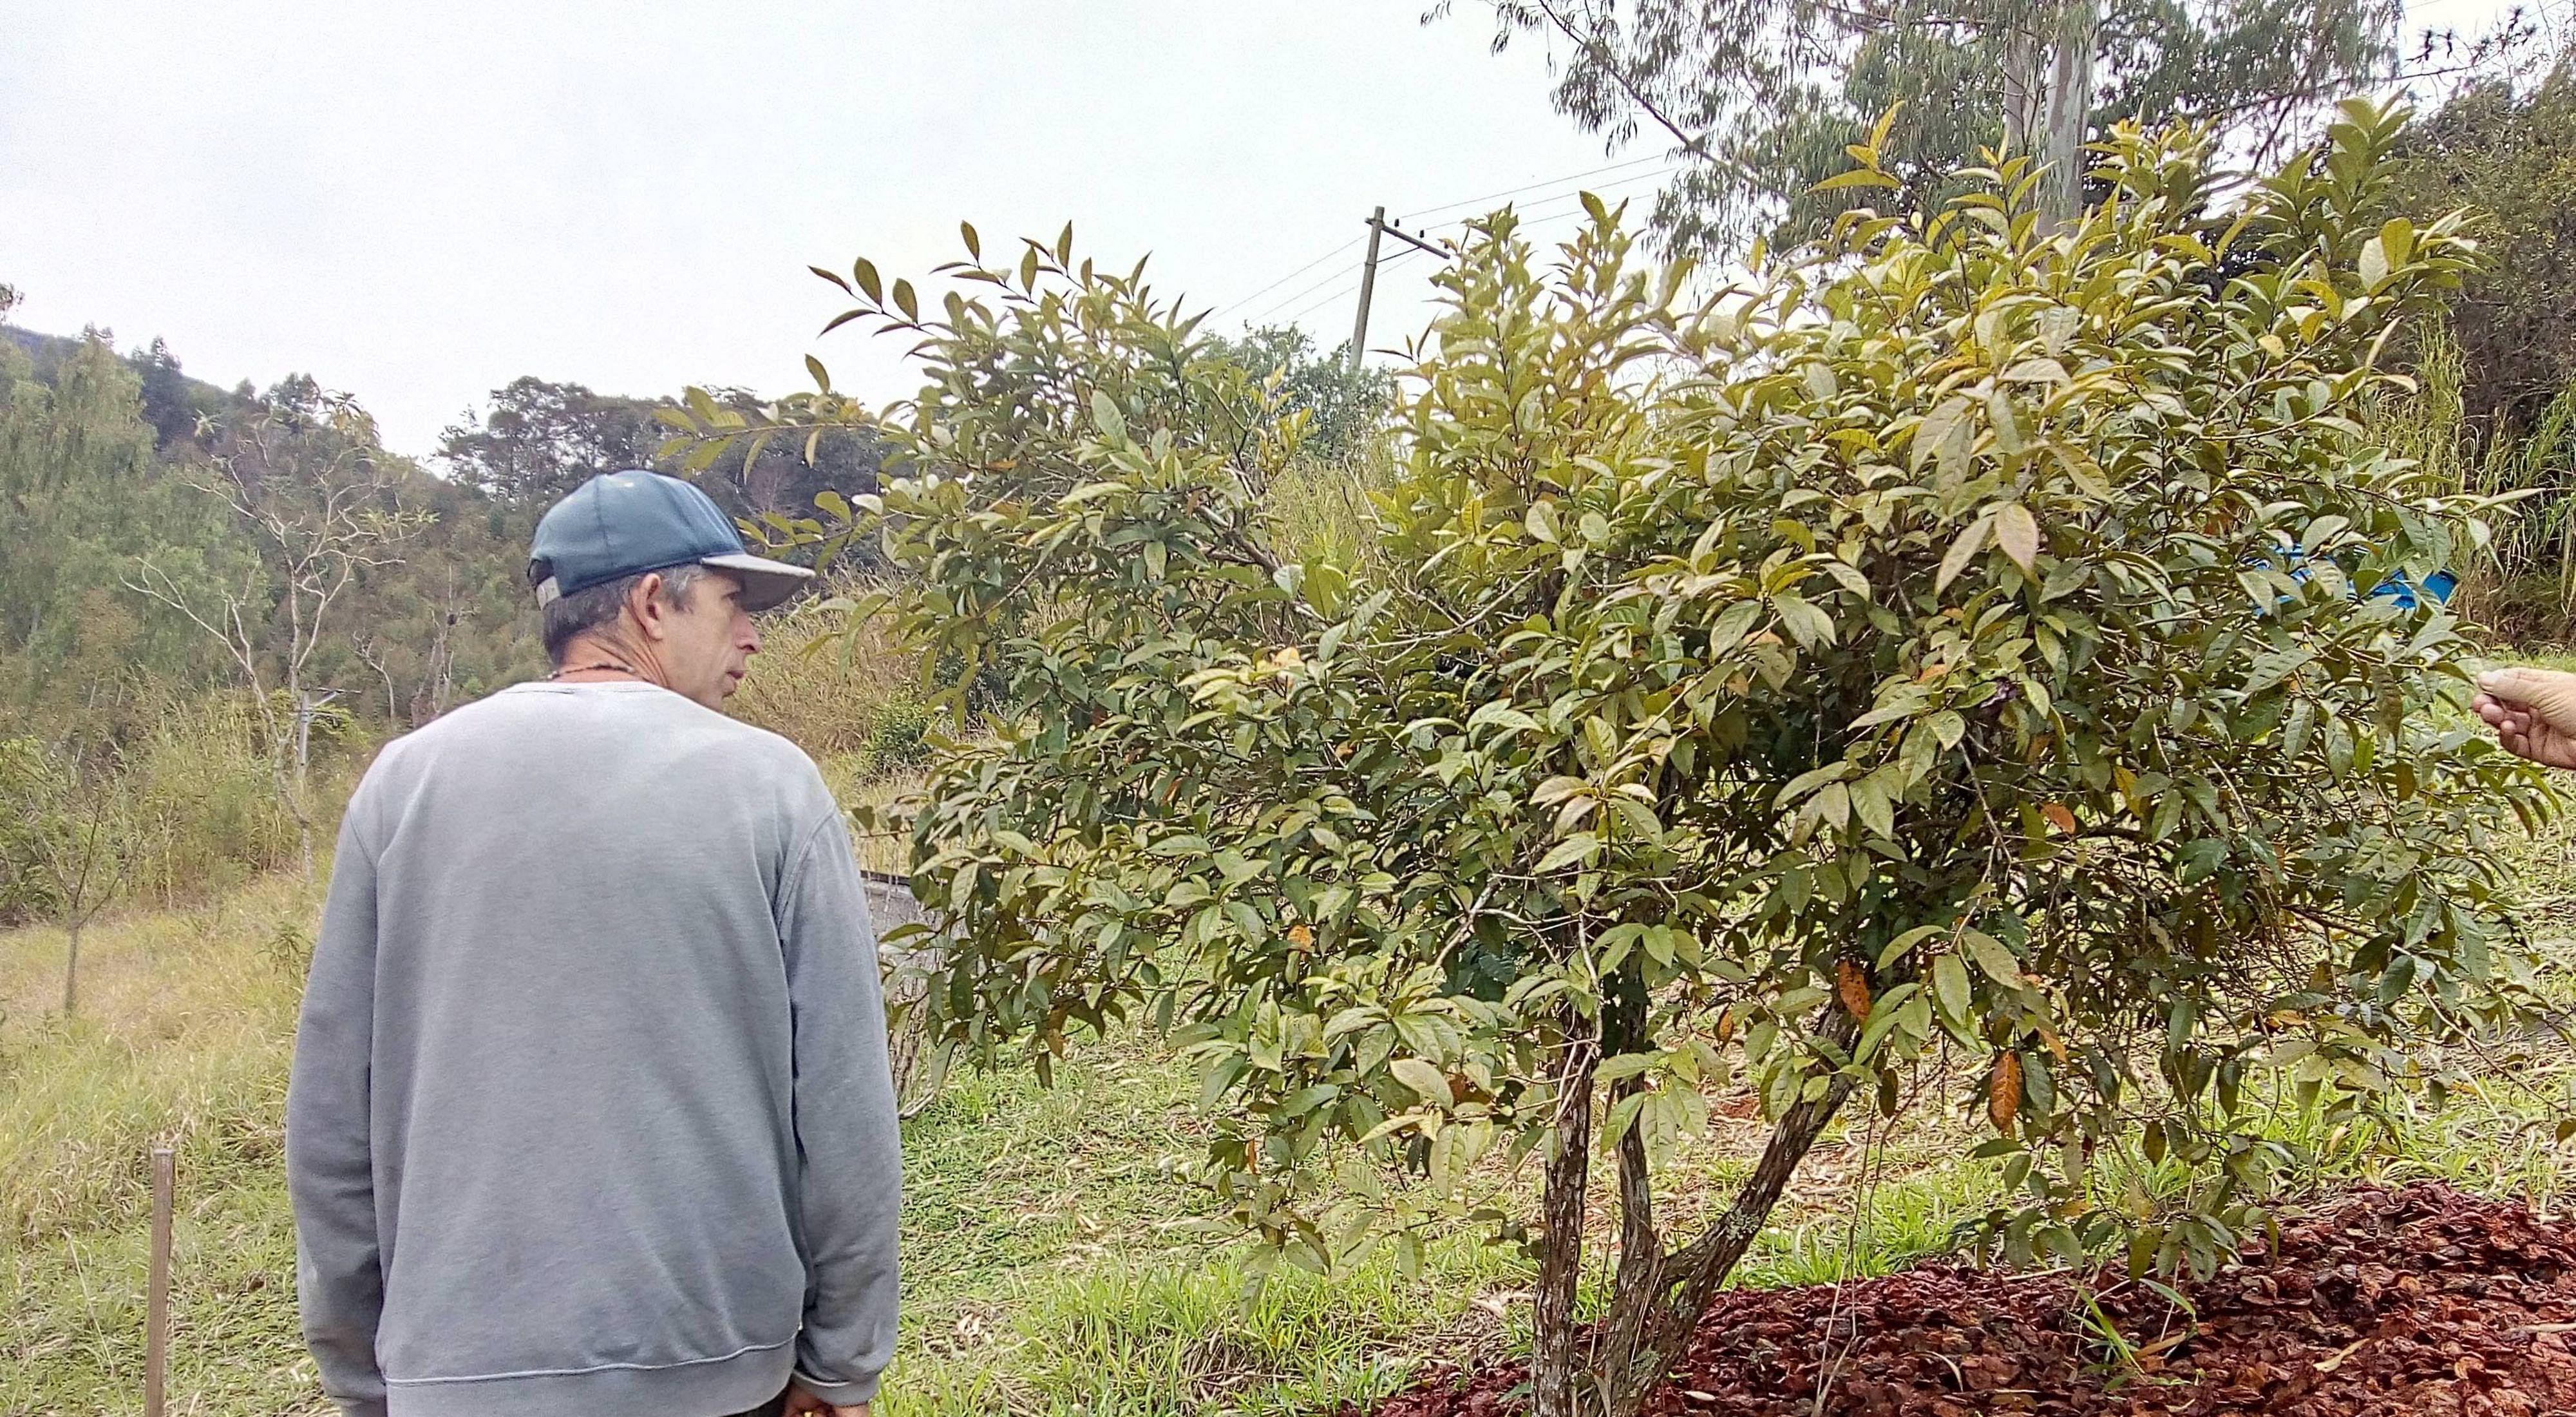 """O produtor rural Roberto """"Boy"""" na propriedade rural da família próximo a nascente do Rio Tietê, em Salesópolis-SP."""